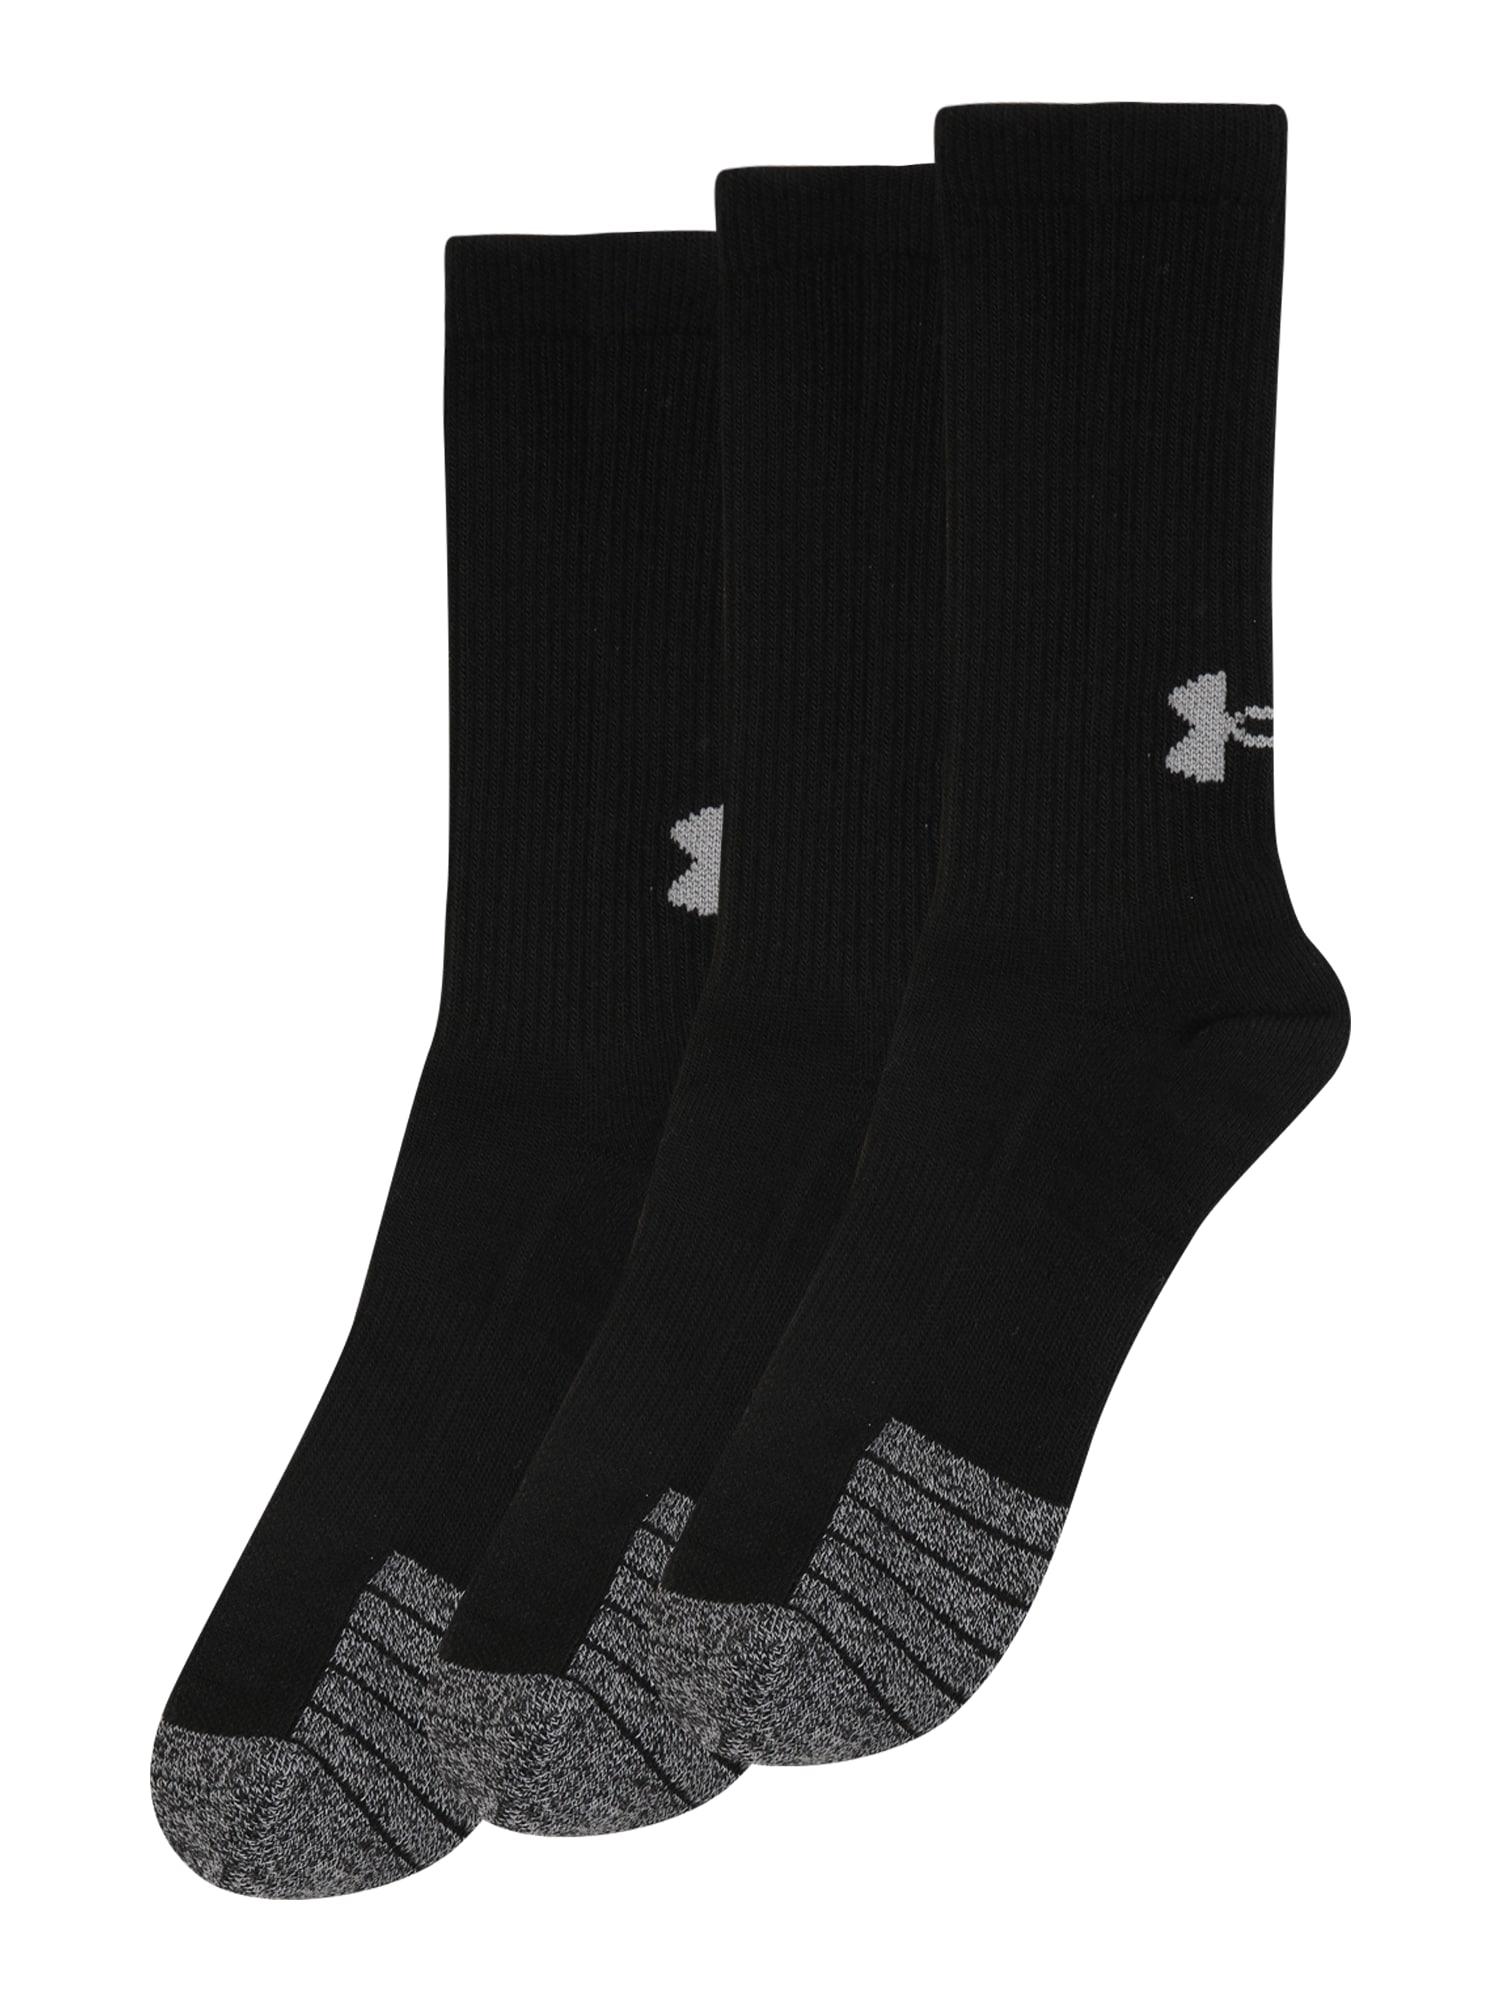 UNDER ARMOUR Sportinės kojinės